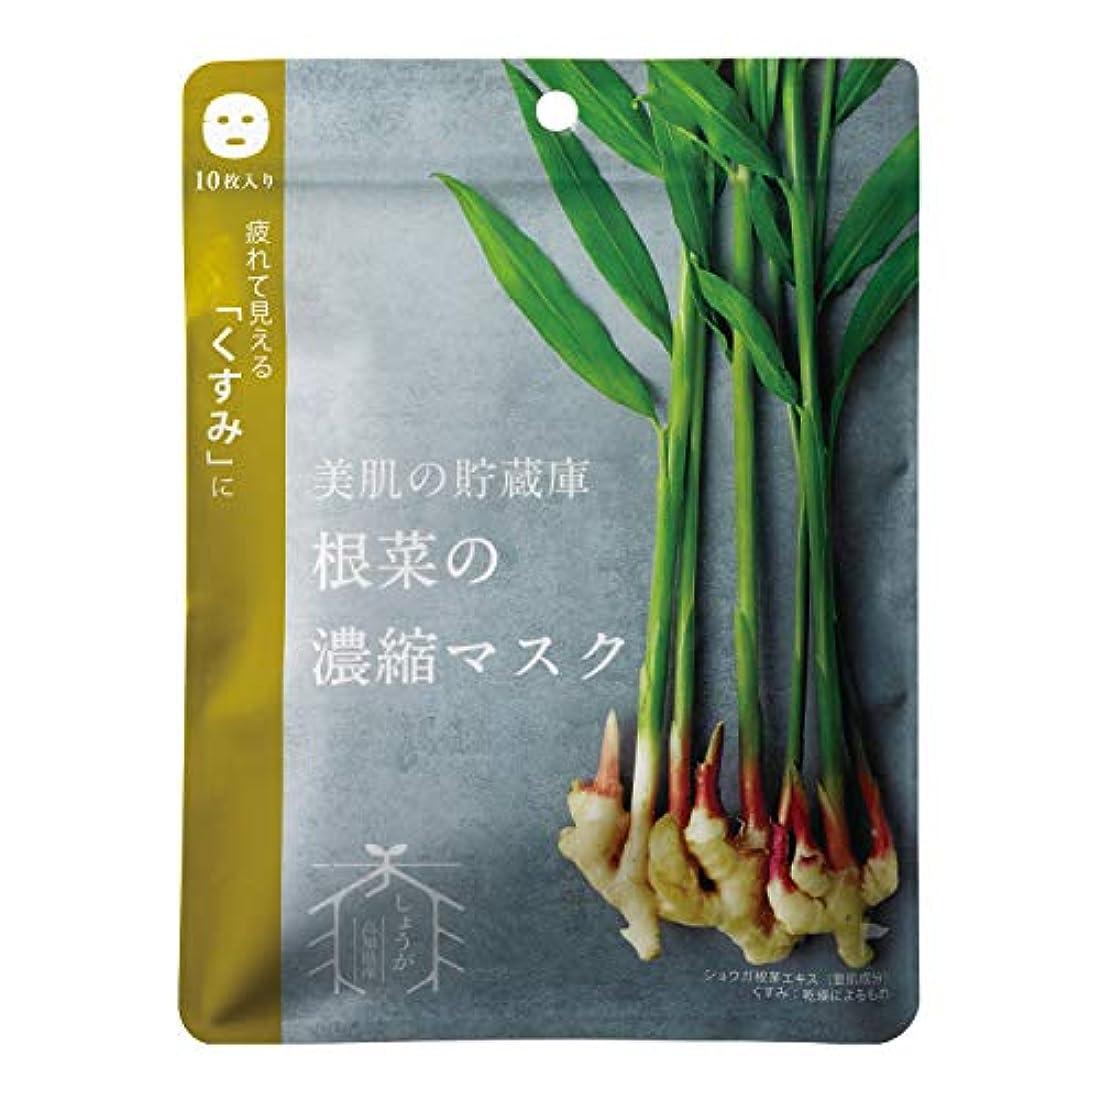 艶薬を飲む紛争@cosme nippon 美肌の貯蔵庫 根菜の濃縮マスク 土佐一しょうが 10枚 160ml